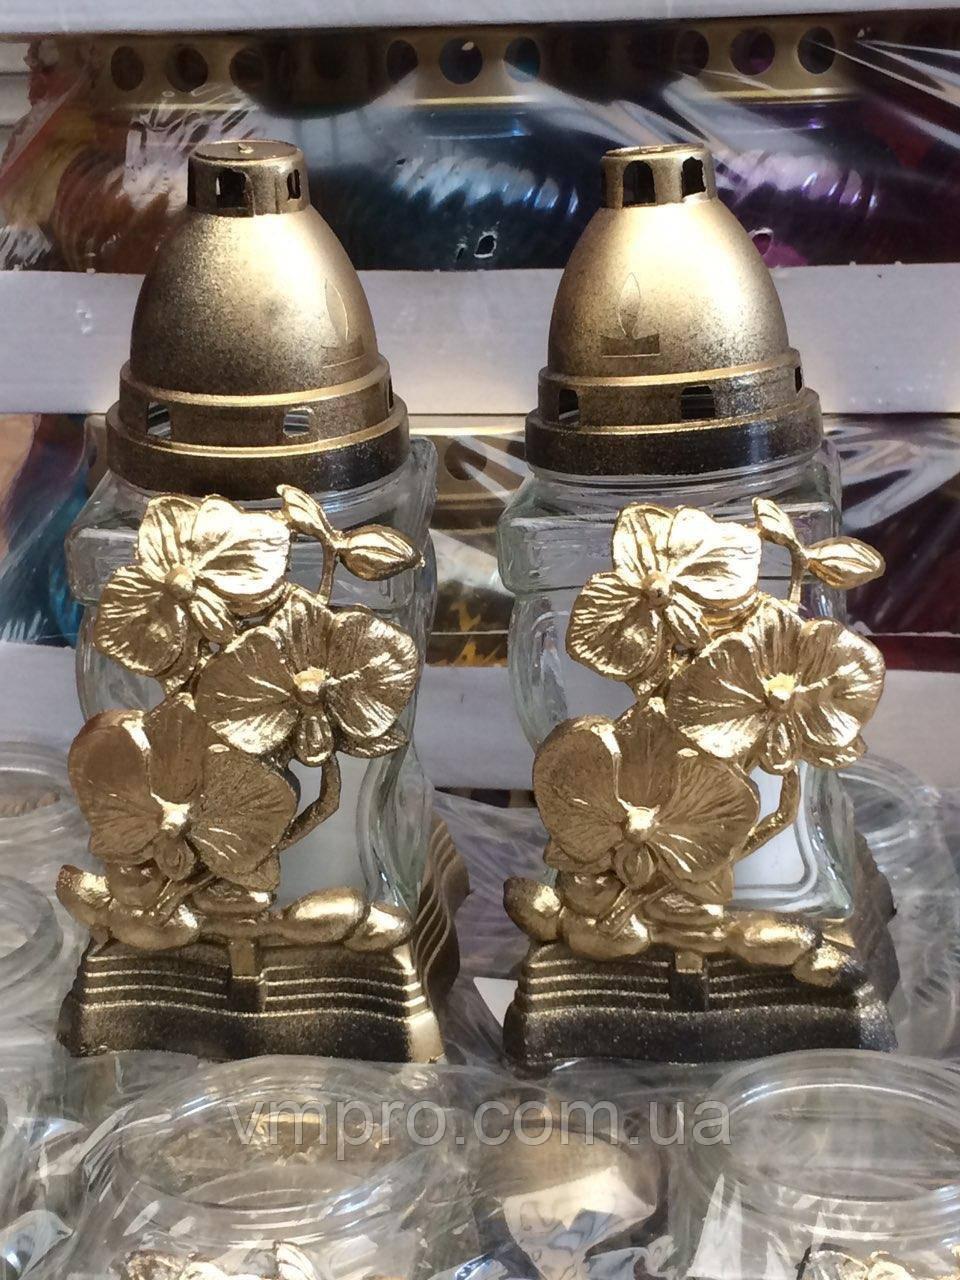 Лампадки Пасхальные с декором, стеклянный корпус